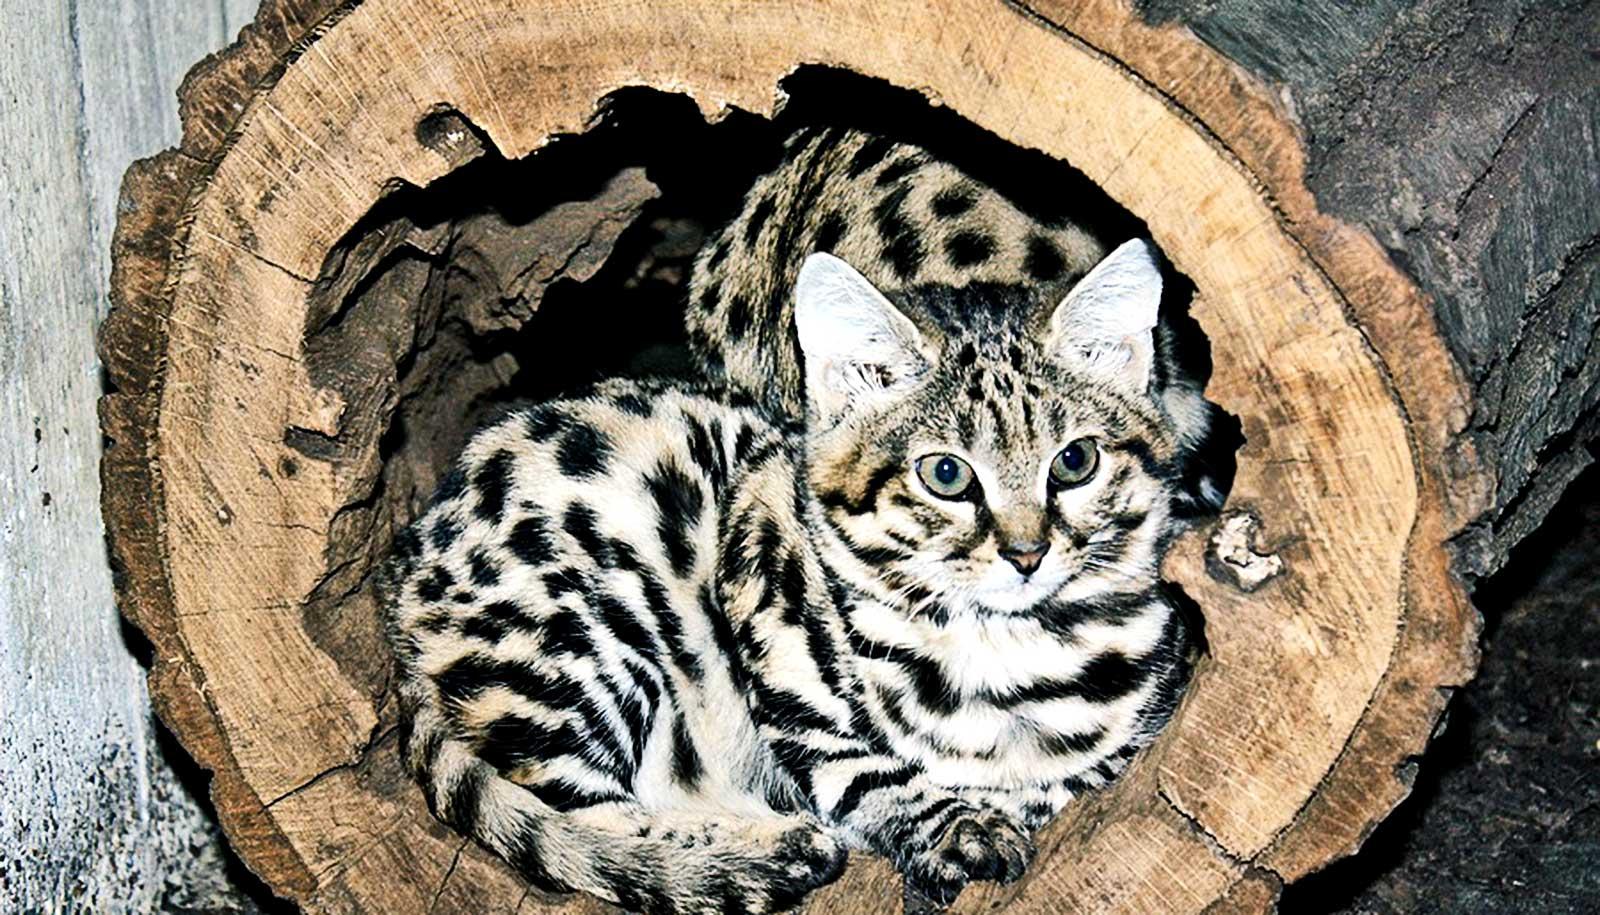 Самые опасные коты в мире – описание 9 пород кошачьих